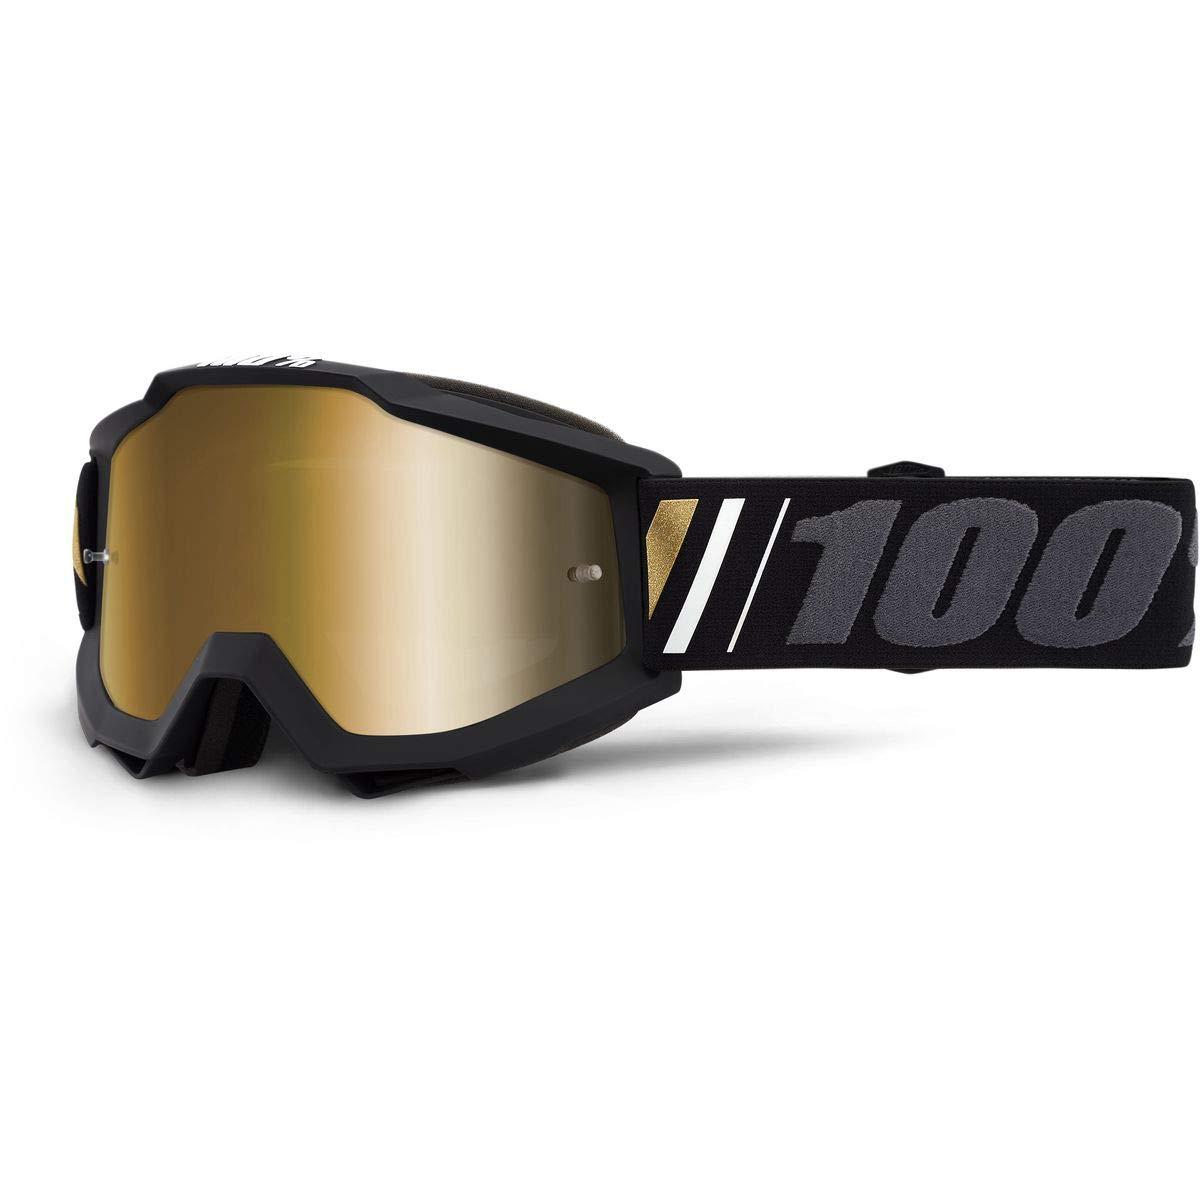 100/% Accuri Goggle-Bali